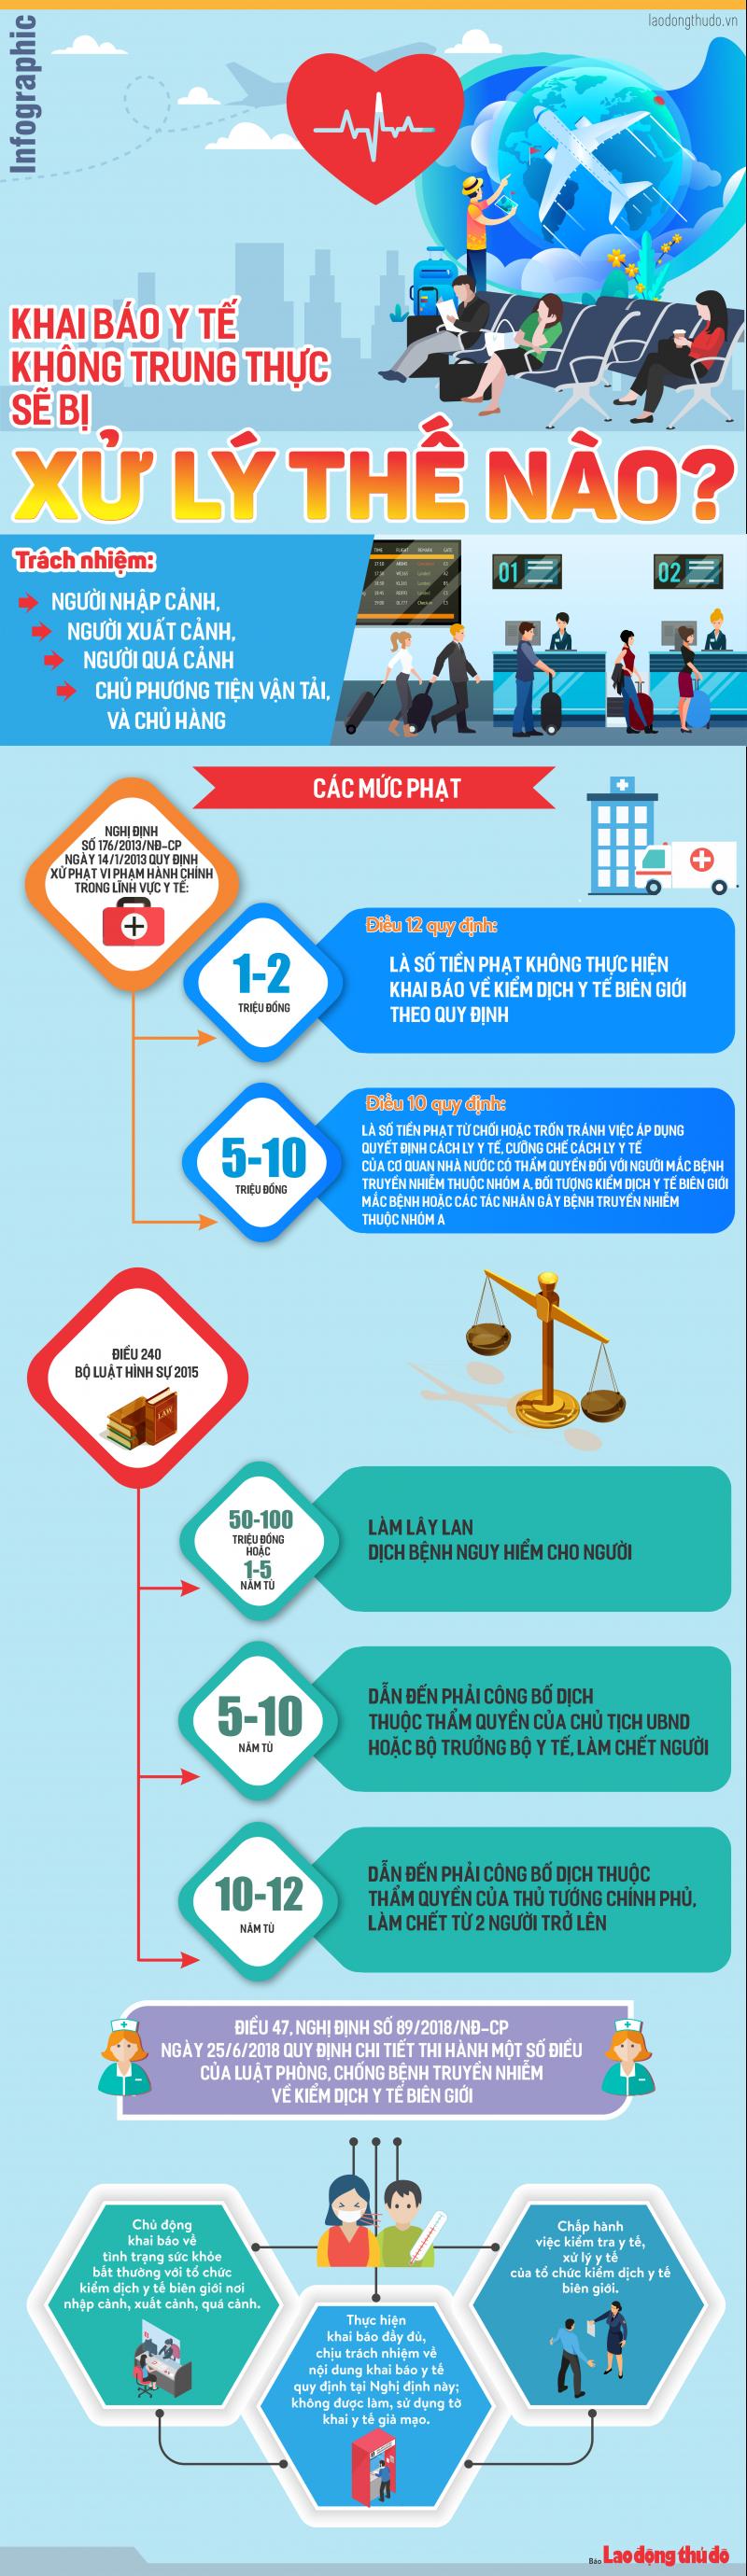 infographic khai bao y te khong trung thuc muc do xu phat the nao